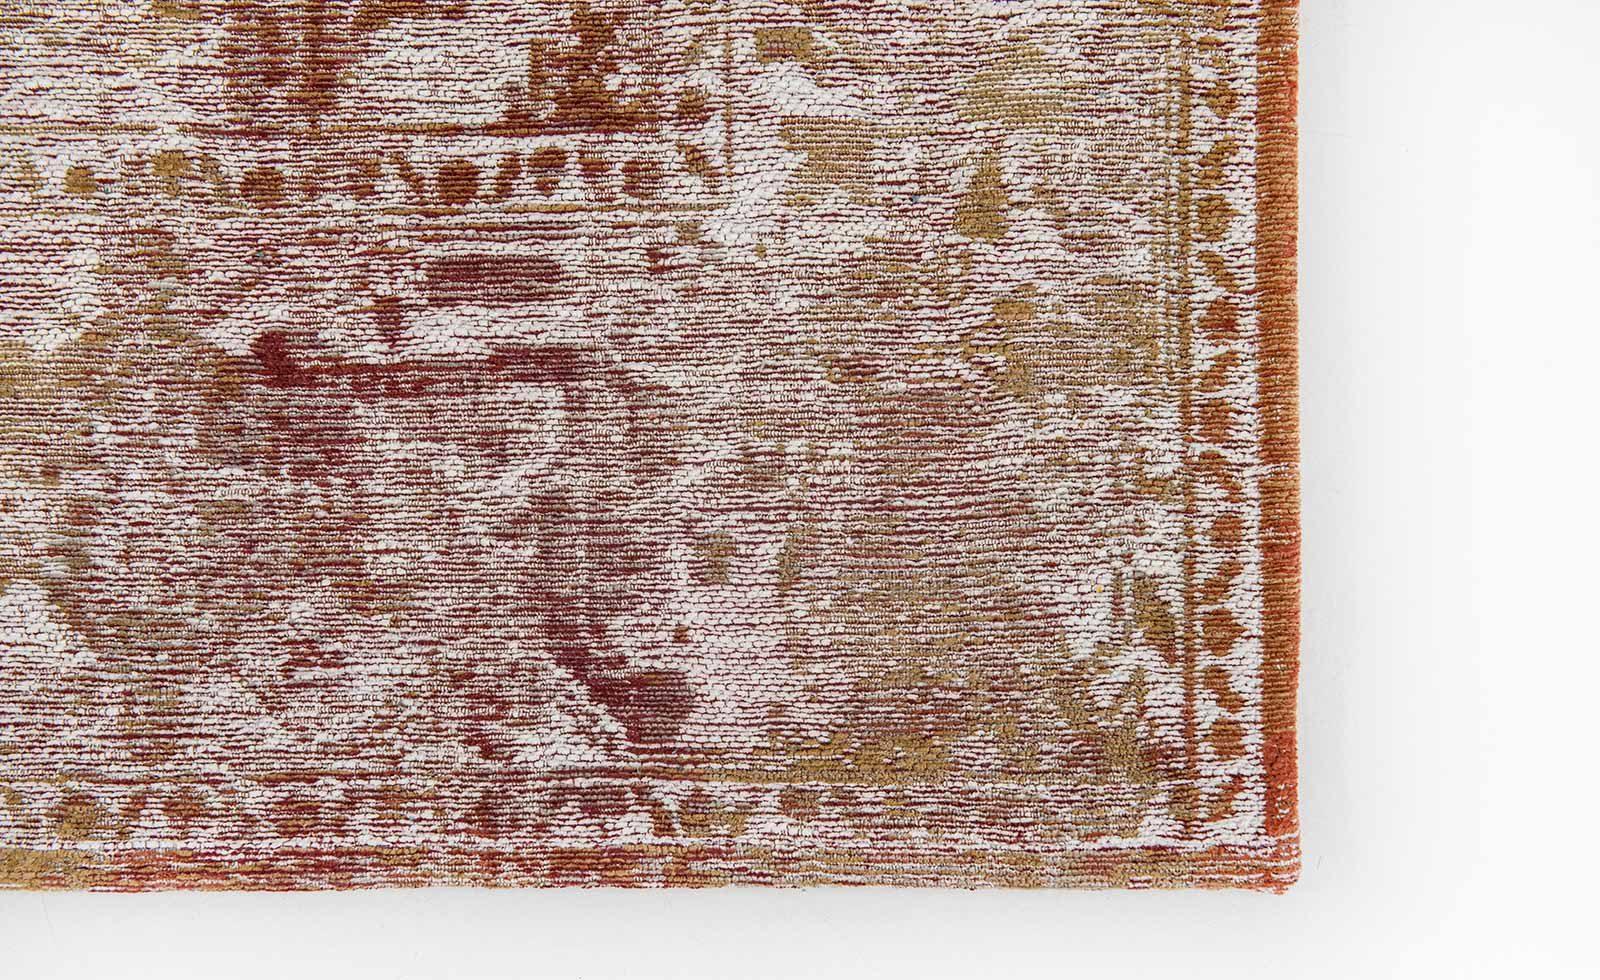 Louis De Poortere 9130 HERIZ DESERT CORNER